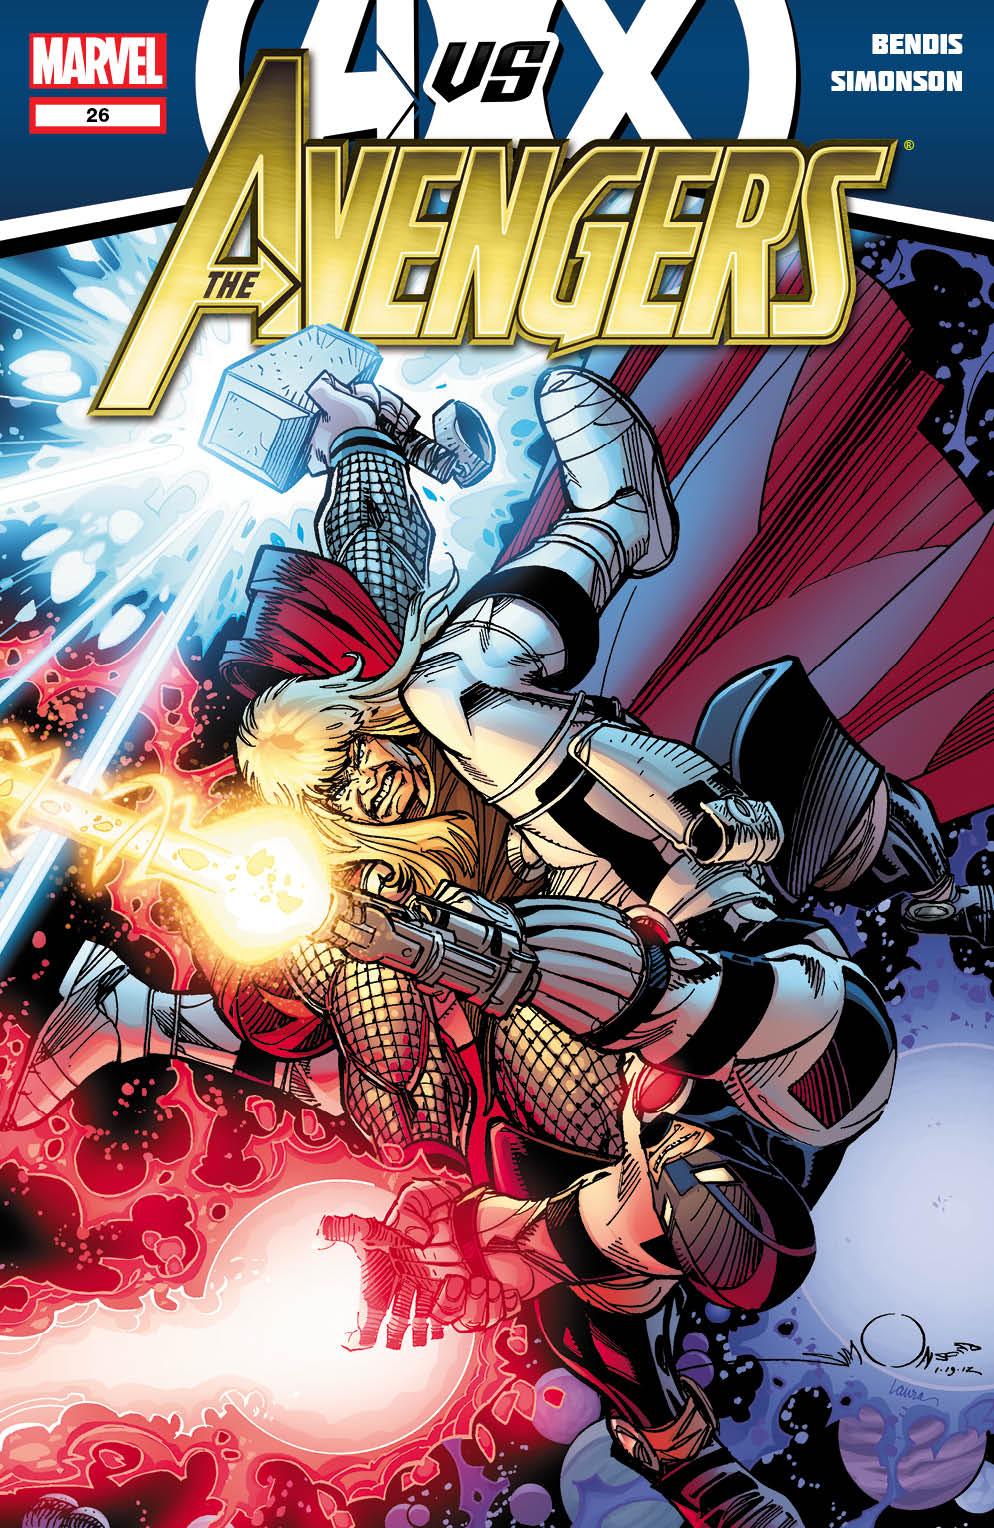 Avengers_26_Cover Marvel releases more May AVENGERS VS. X-MEN covers